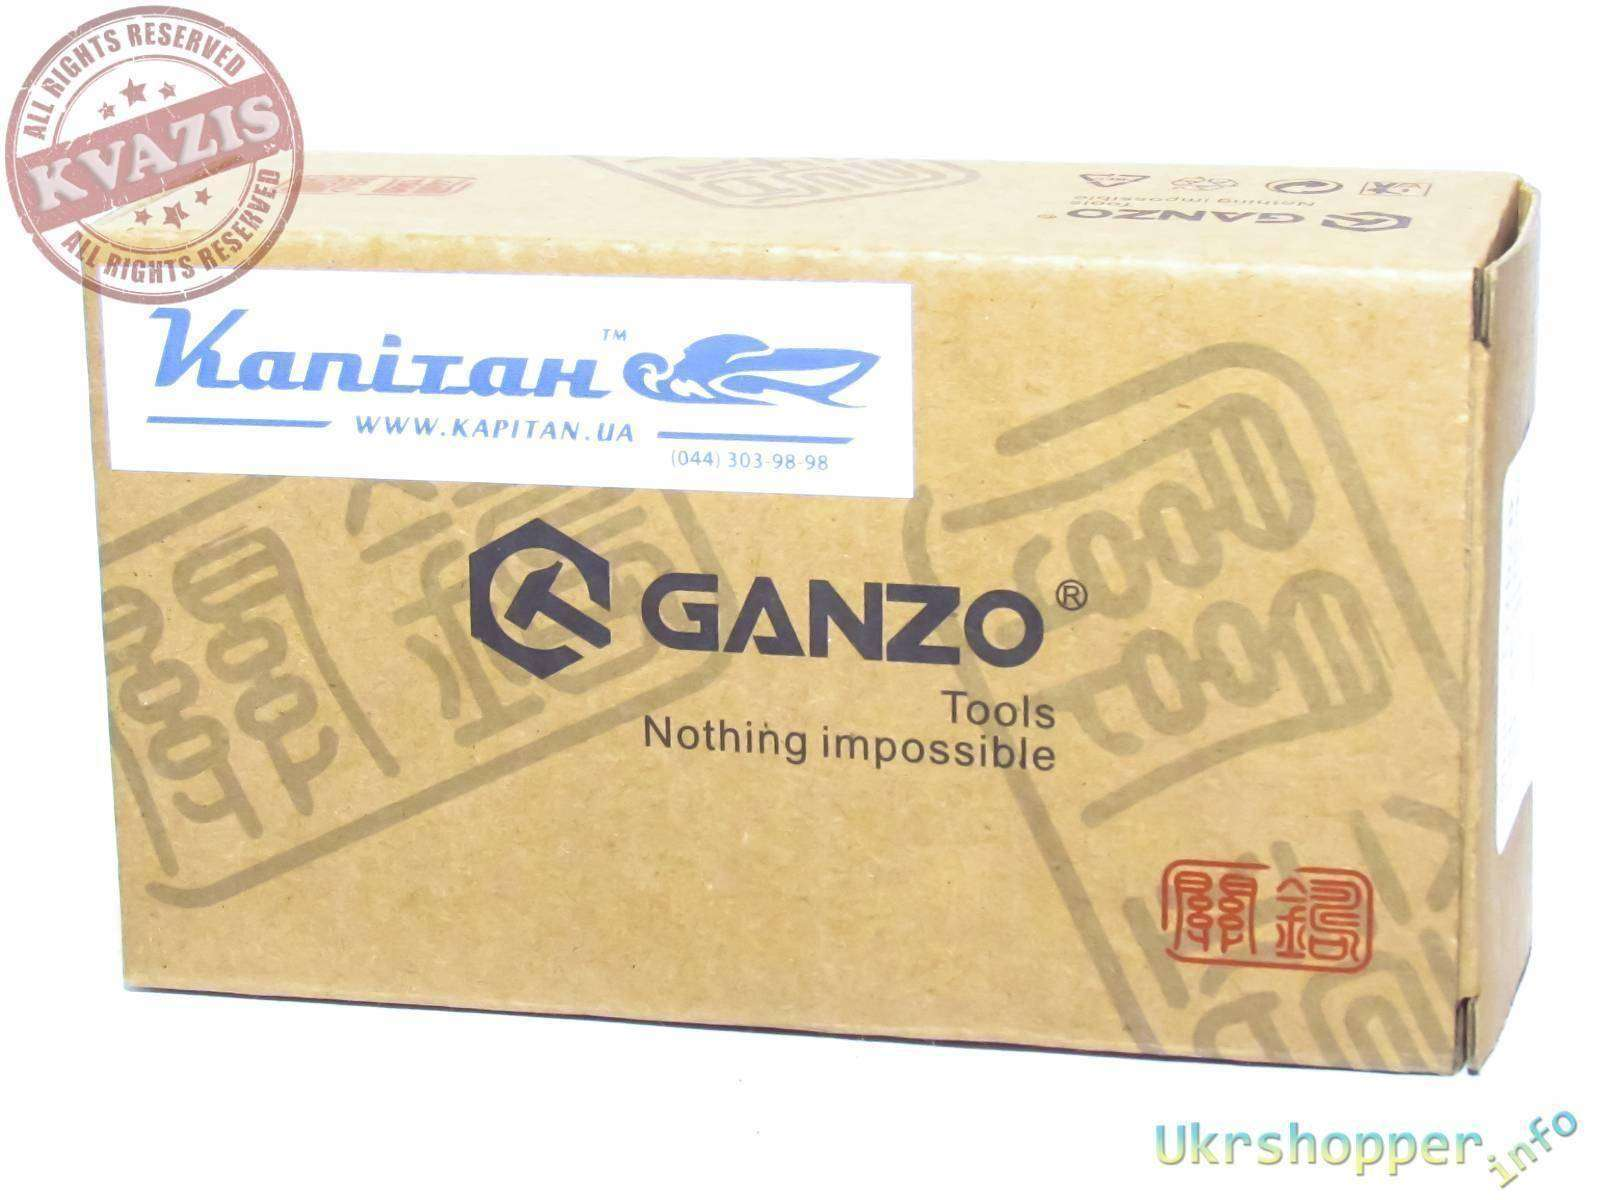 Другие - Украина: Мультитул Ganzo G202-B - Мастерская в рюкзаке